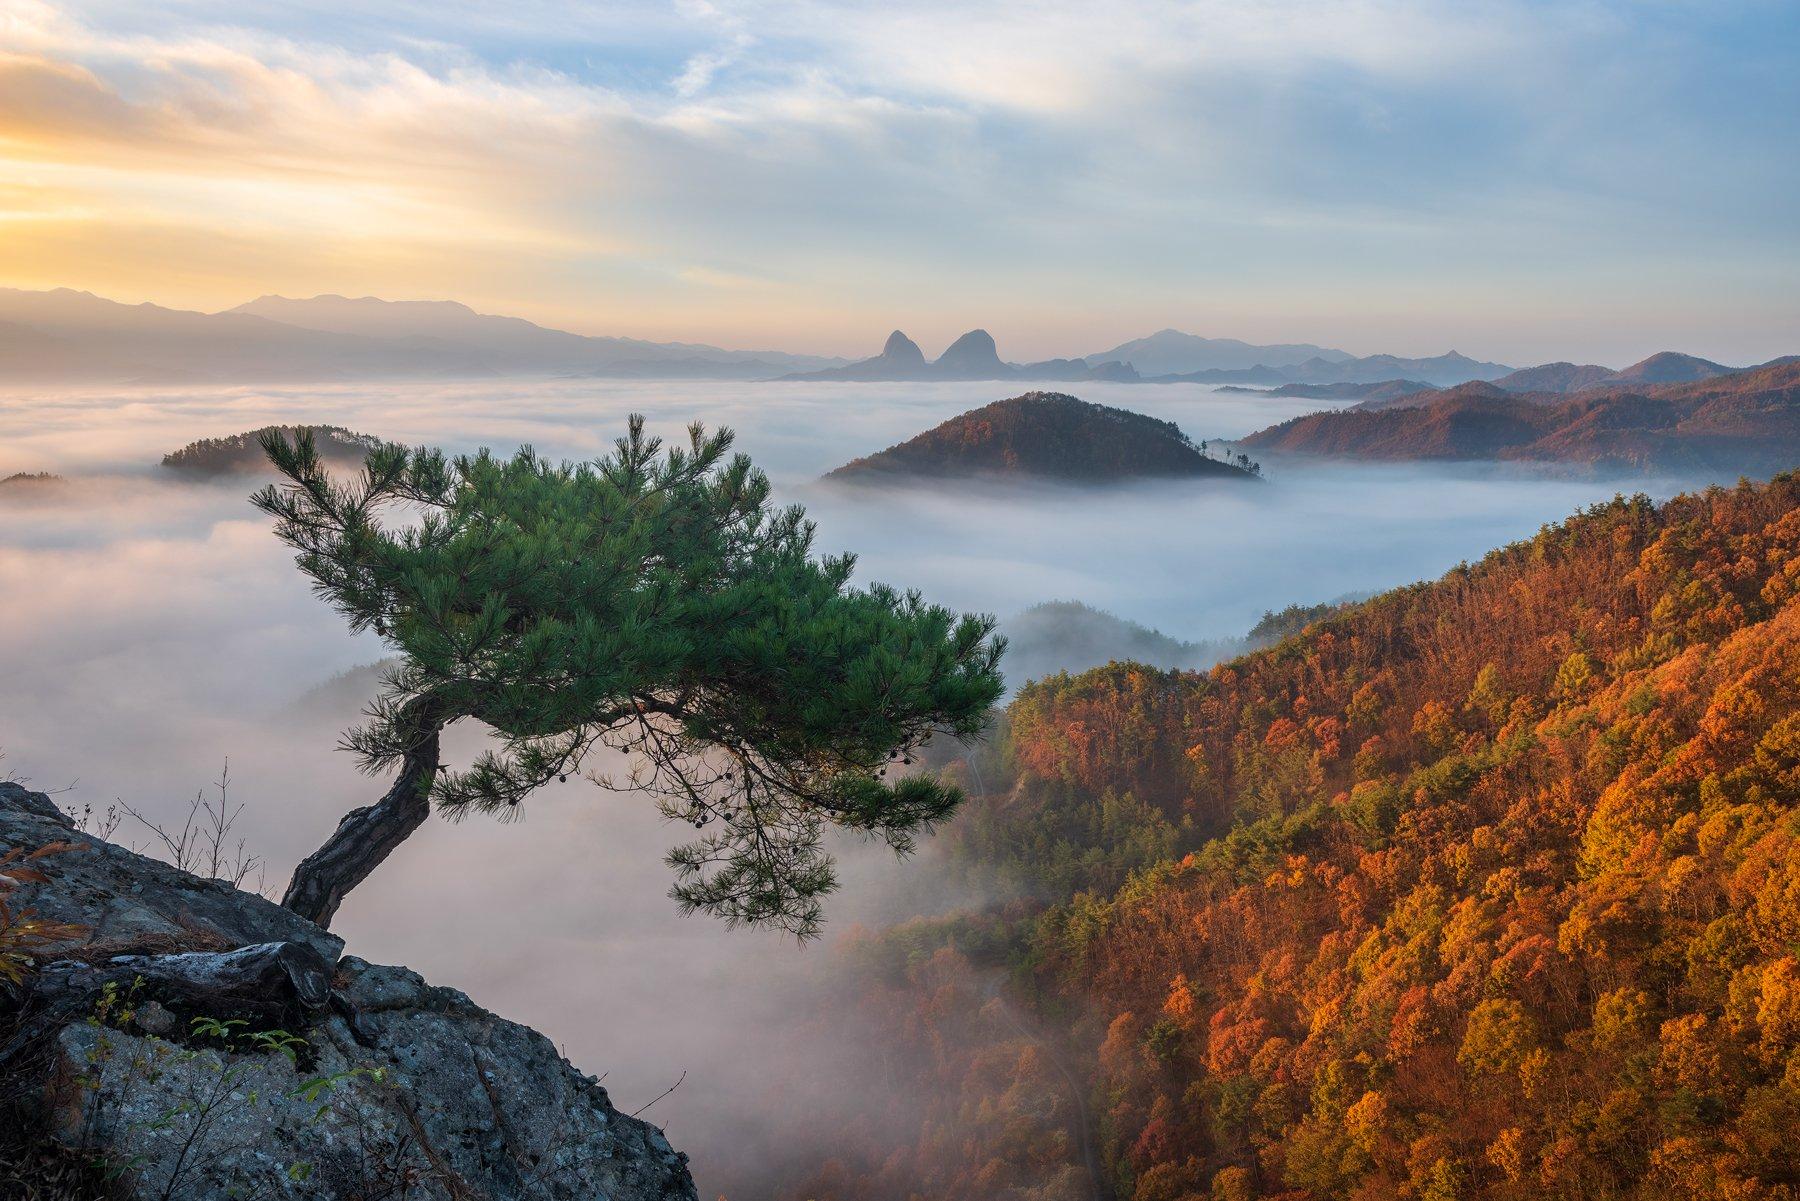 mountains, foliage, bonsai, pine, rock, autumn, 류재윤